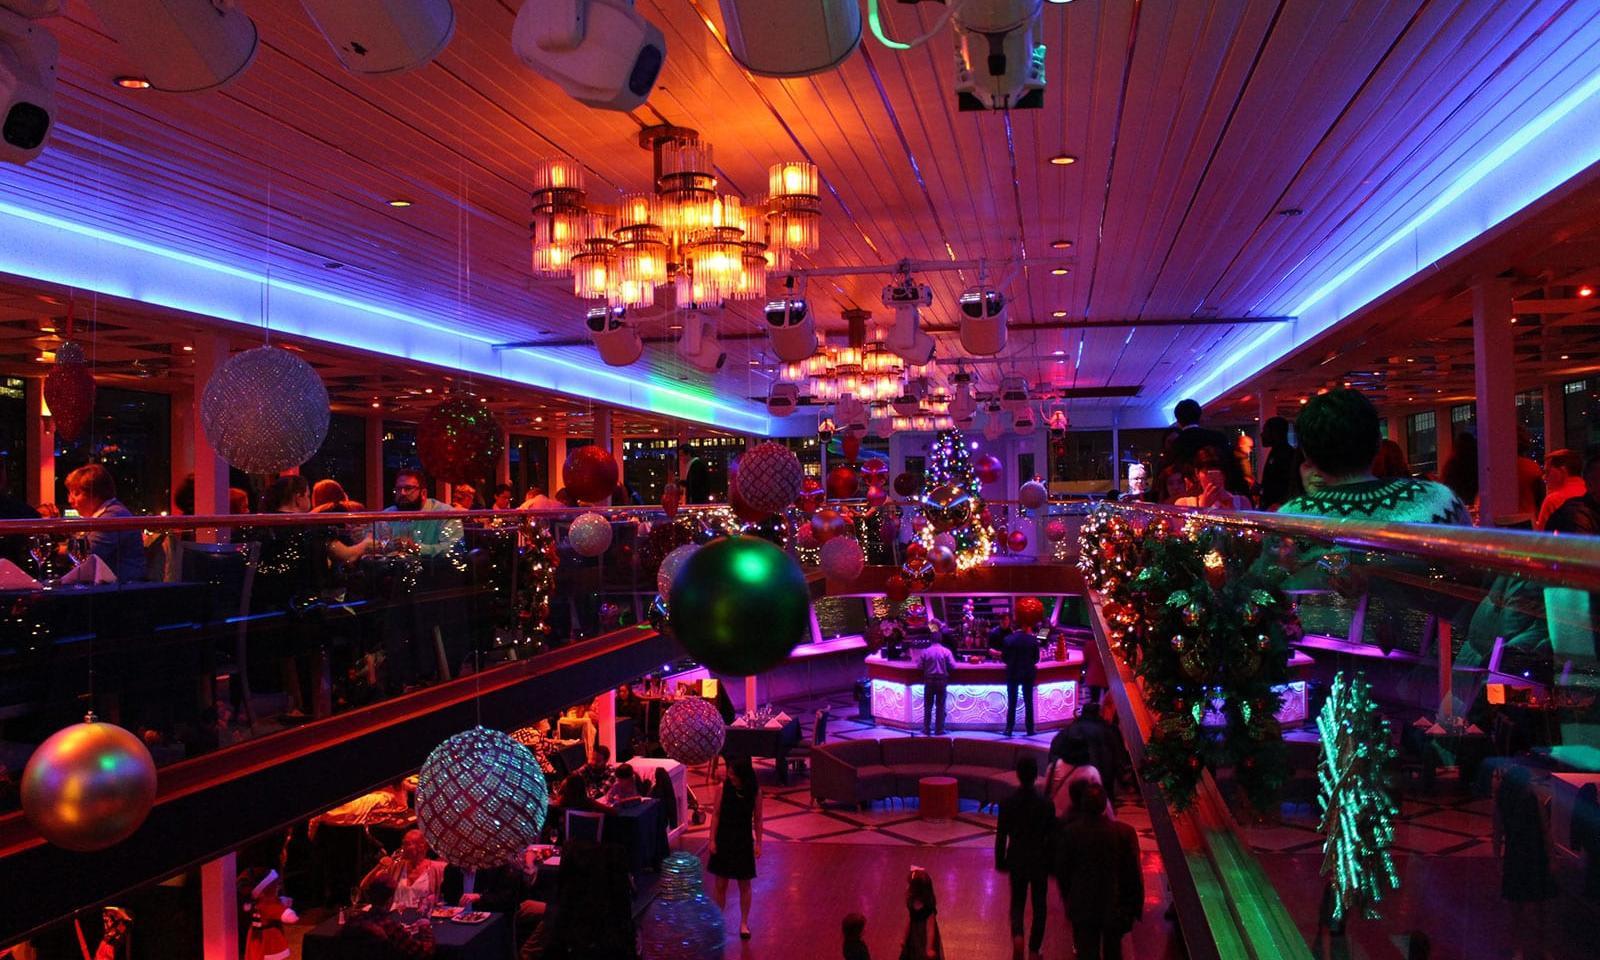 Christmas Eve Dinner Nyc  Hornblower New York Christmas Dinner Cruise Loving New